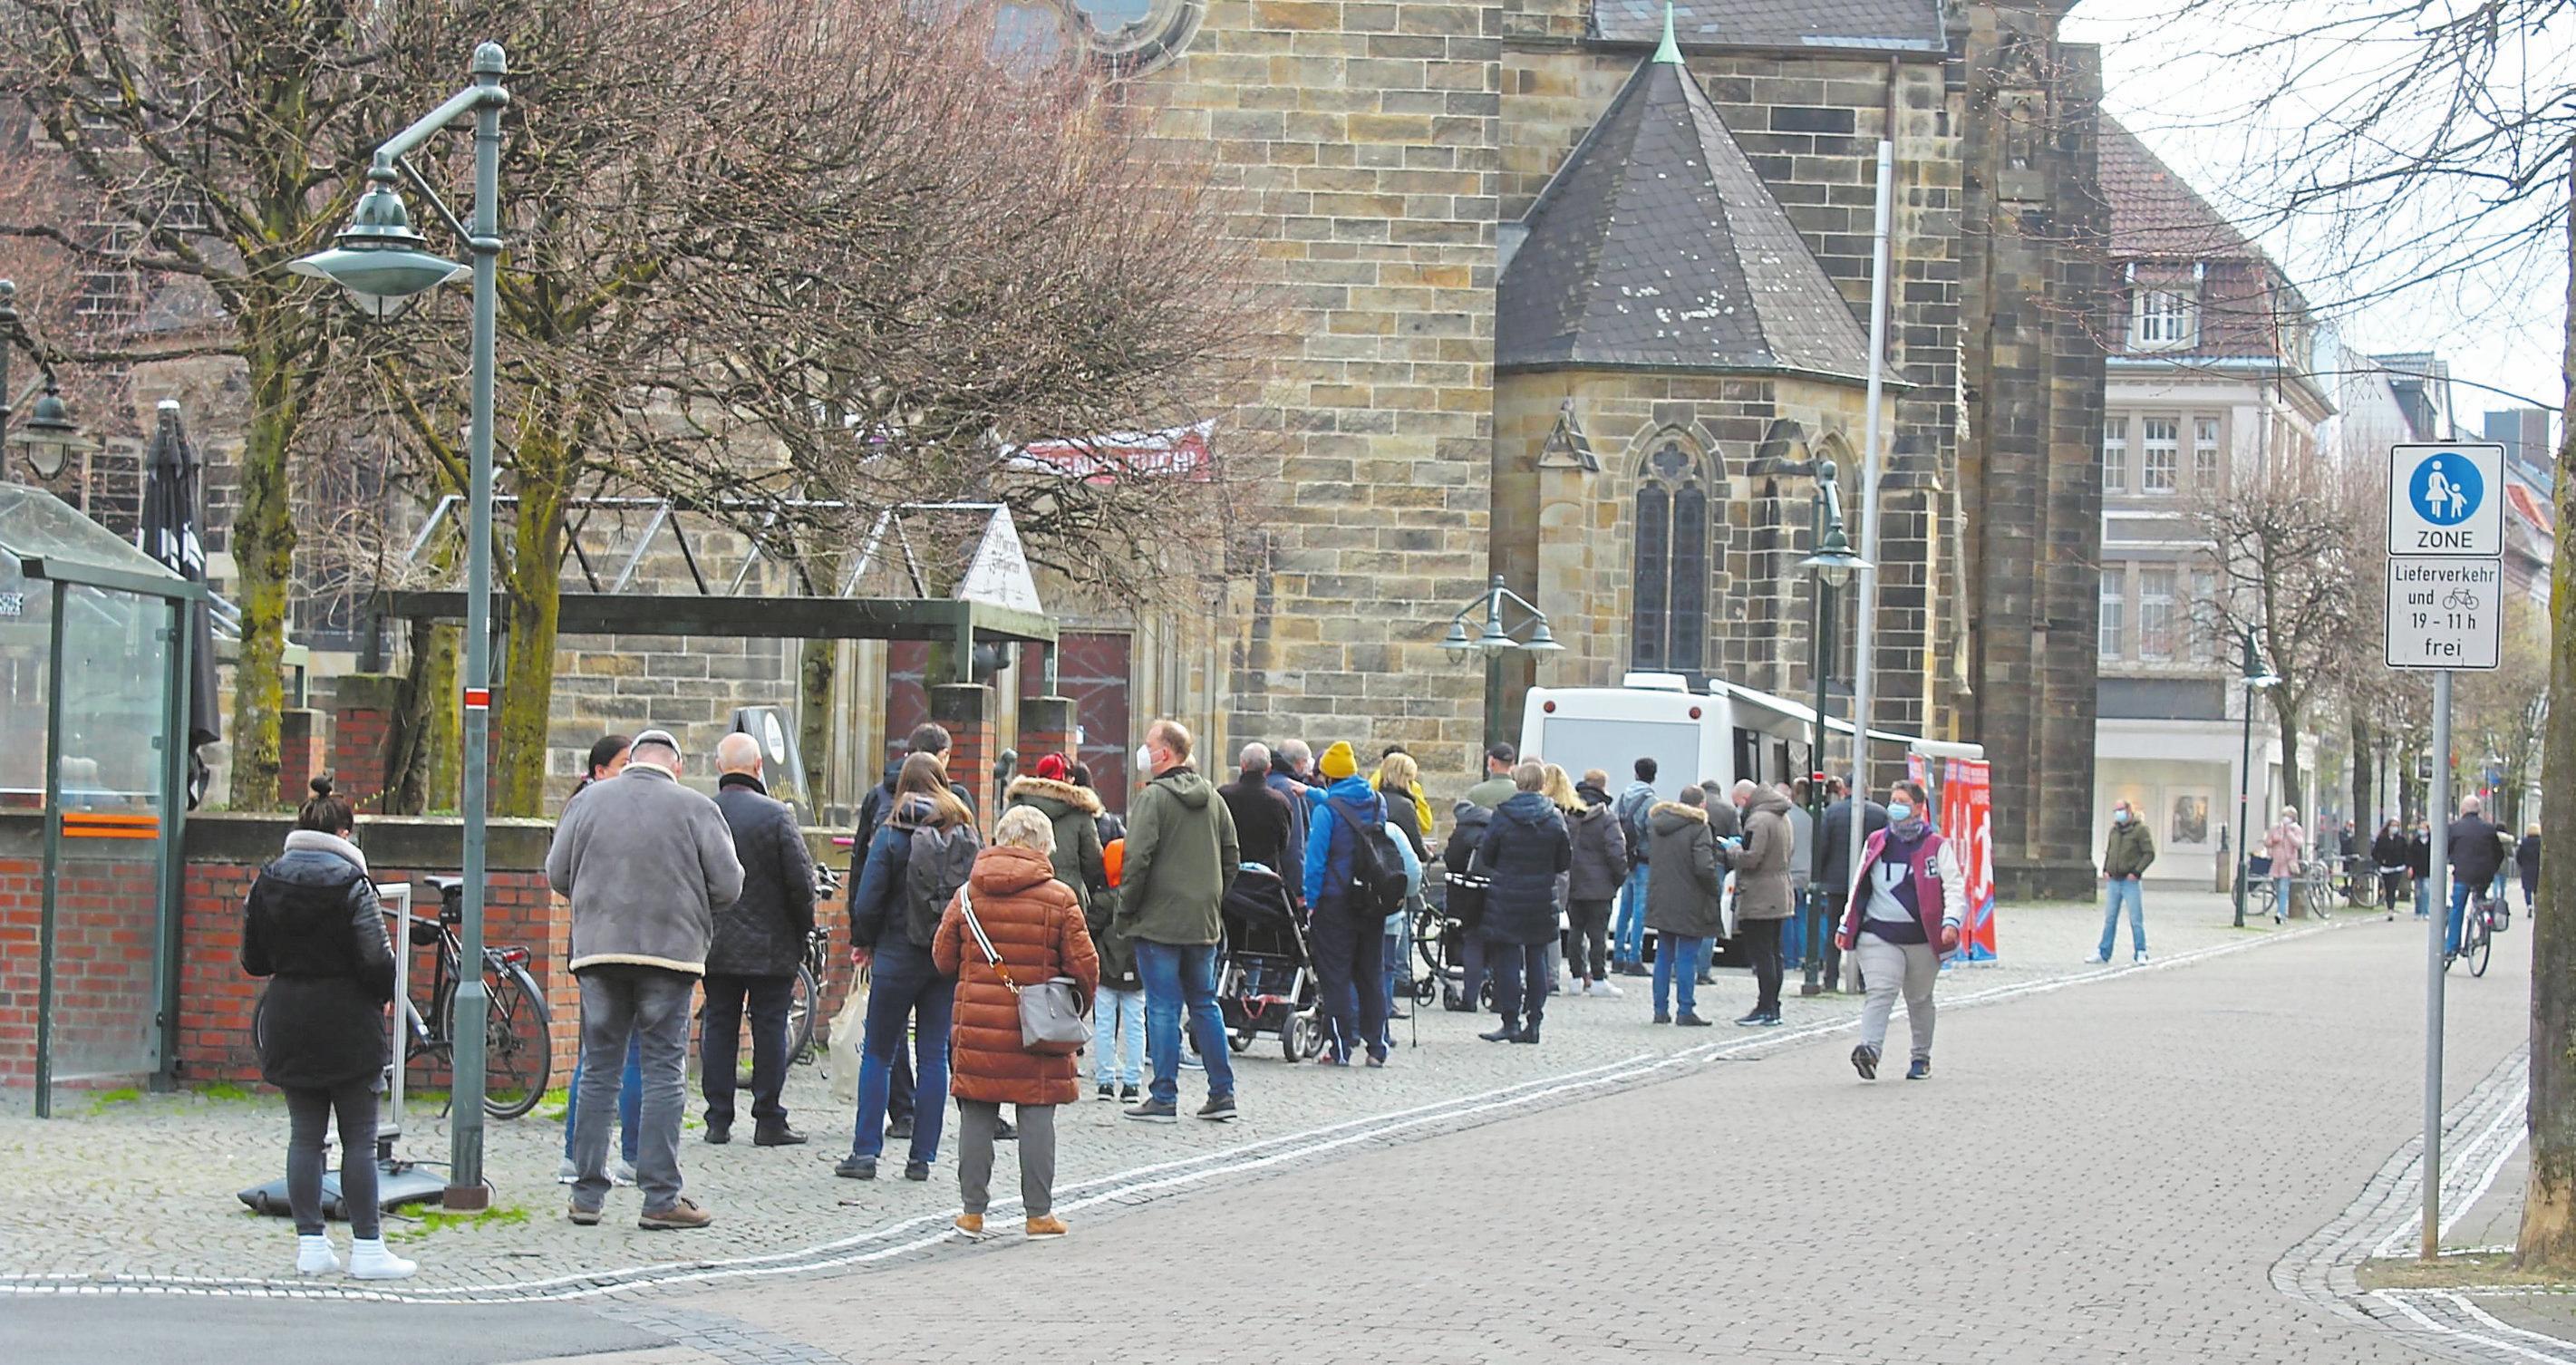 Am Samstag stand die mobile Teststation auf dem Marienplatz, was den Kunden viel Aufwand ersparte.